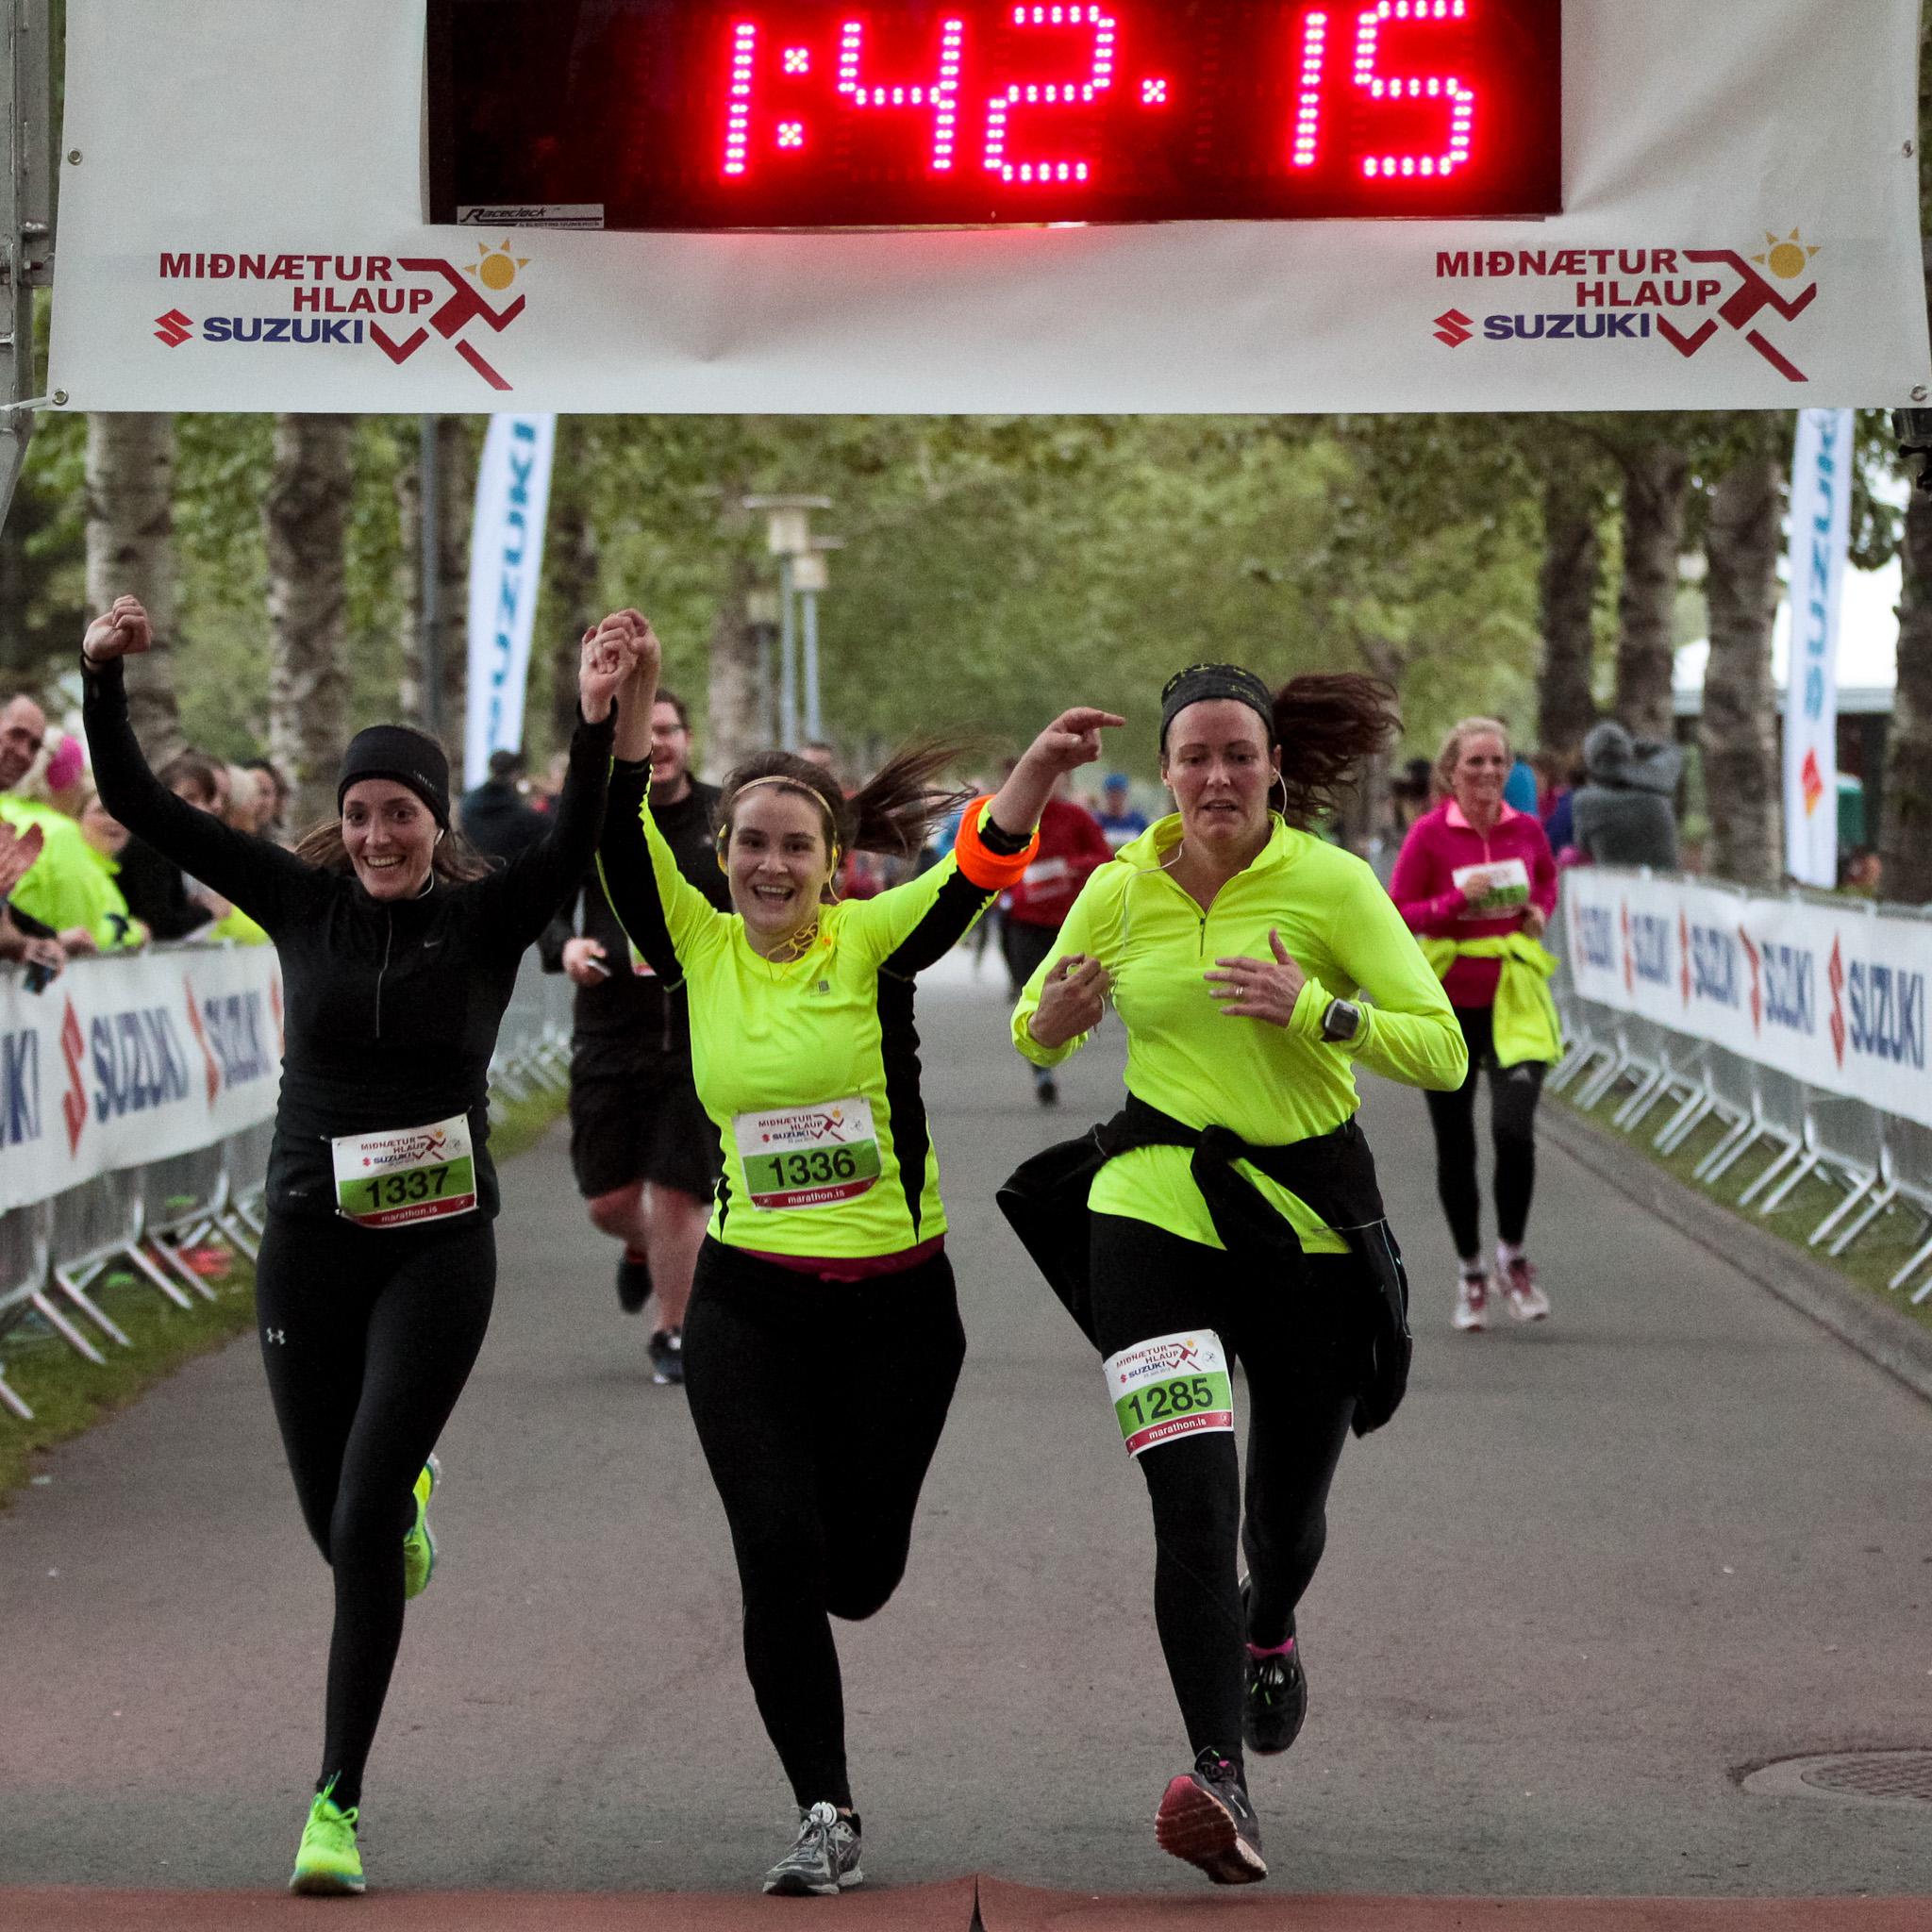 Friends finishing the Suzuki Midnight Sun Run